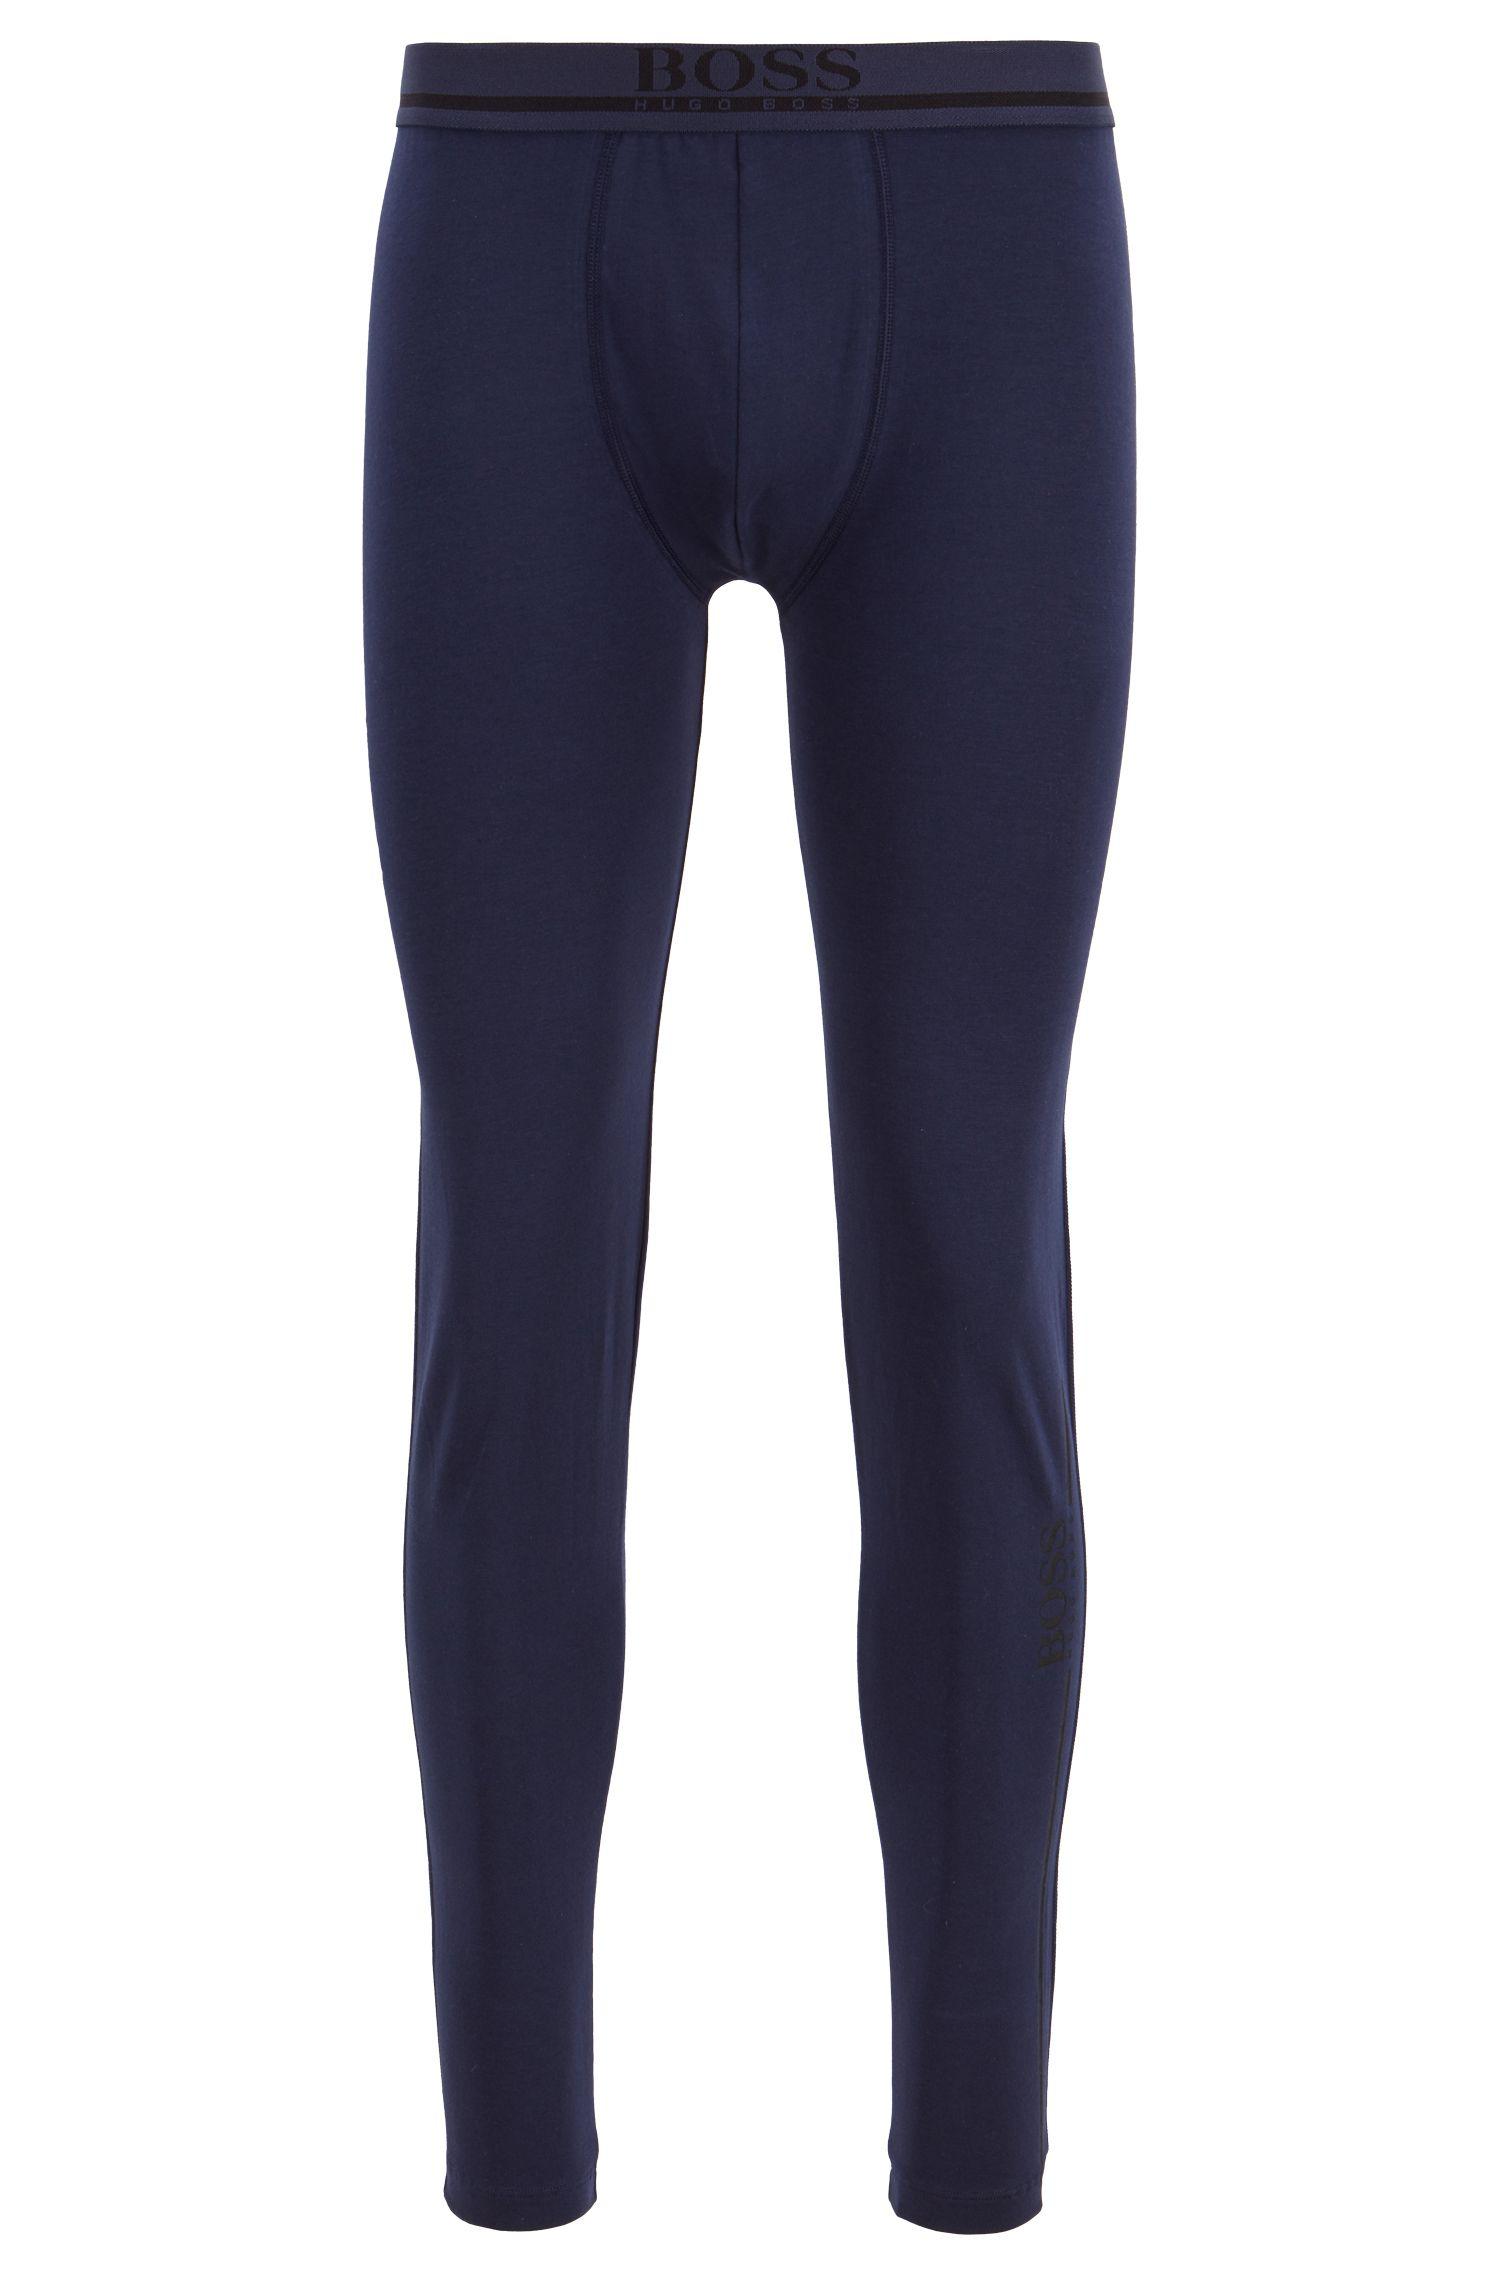 Calzoncillos largos de tiro normal en algodón elástico con logo, Azul oscuro